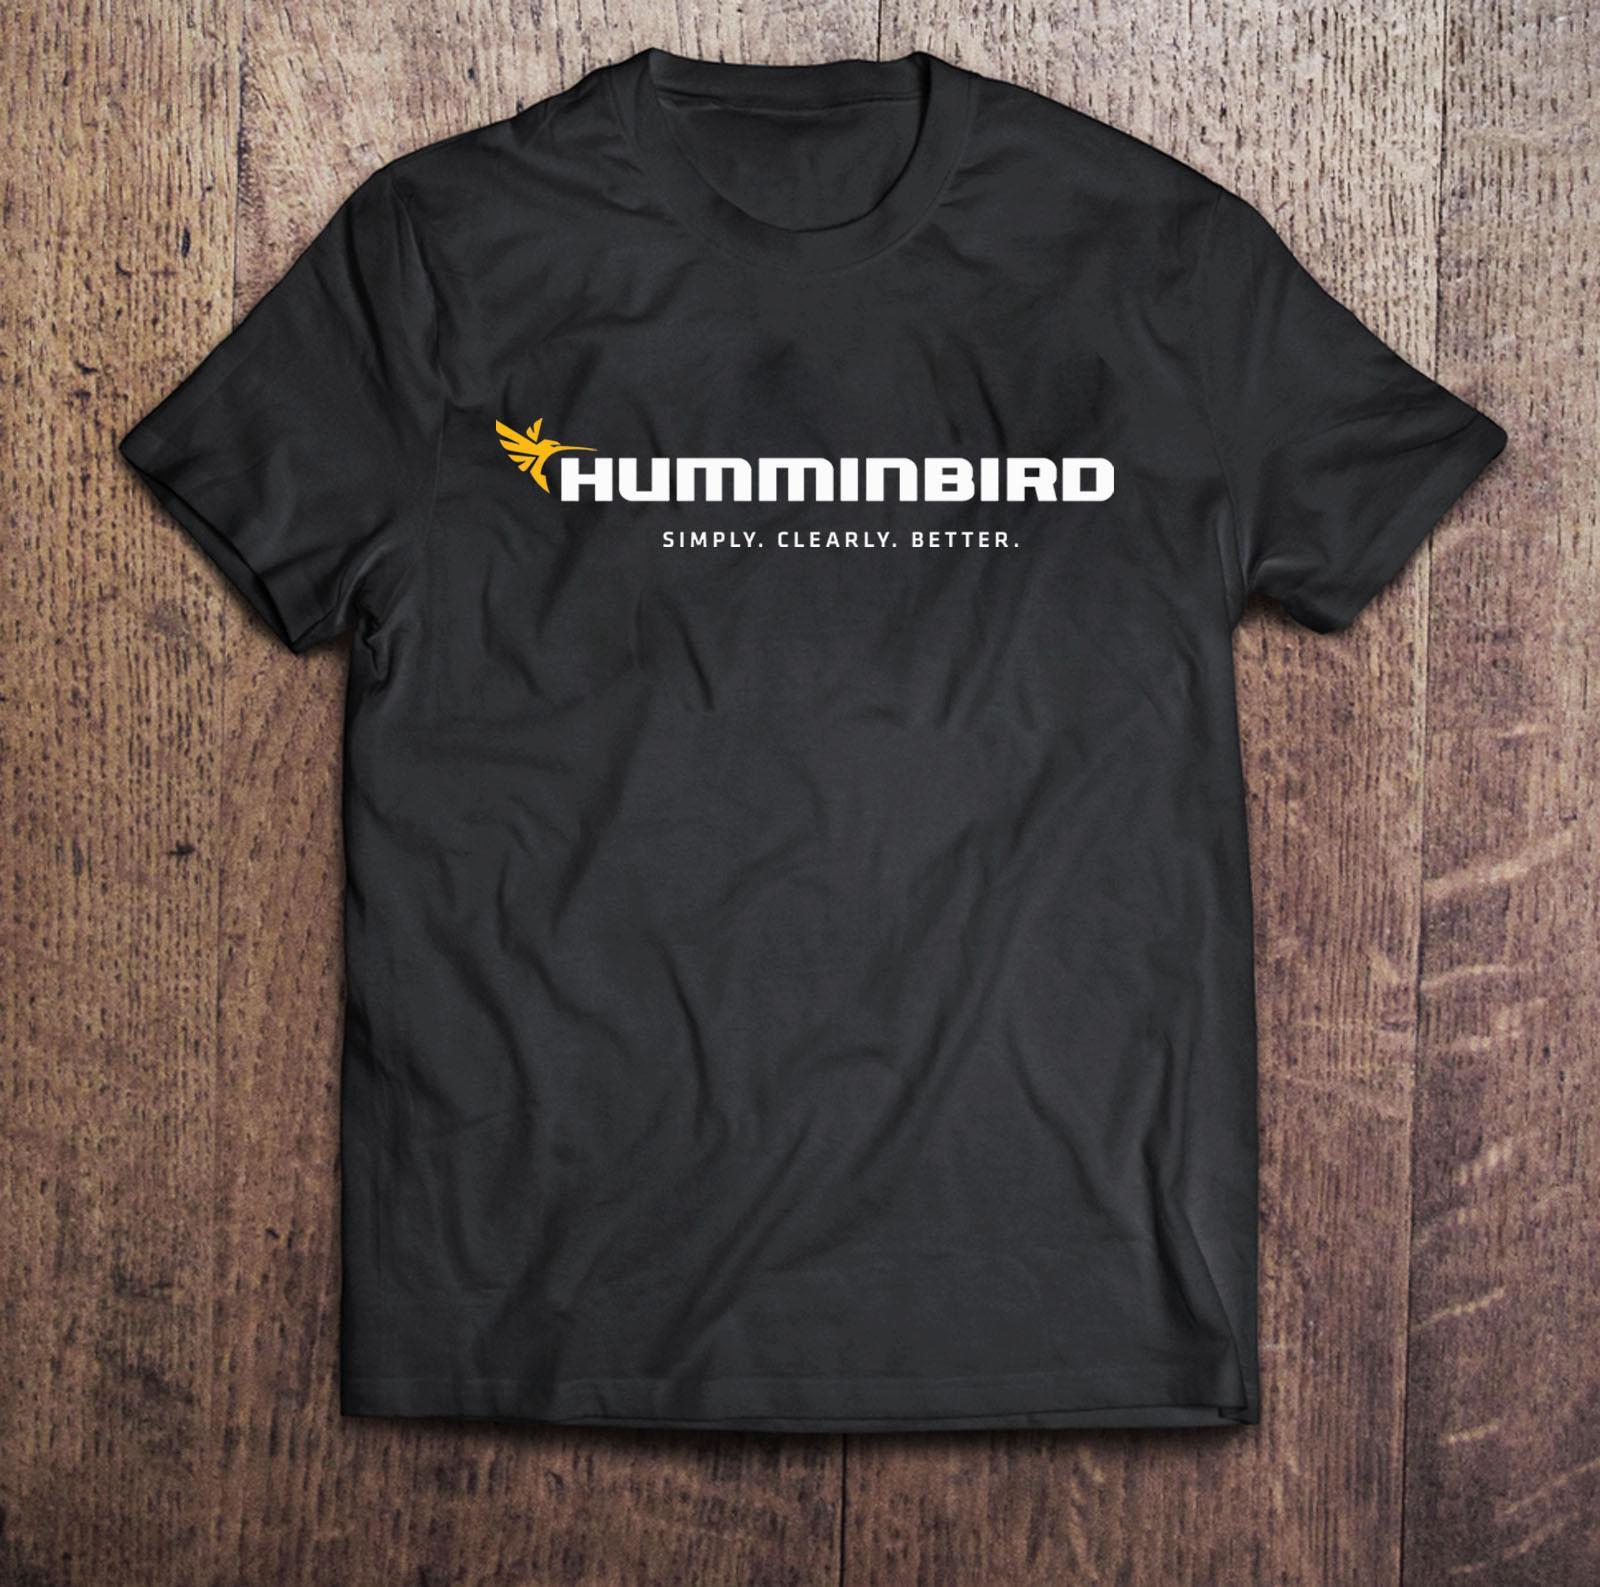 Humminbird Fish Finder Black T-Shirt Men s Tshirt S to 3XLFunny free  shipping Unisex Casual gift